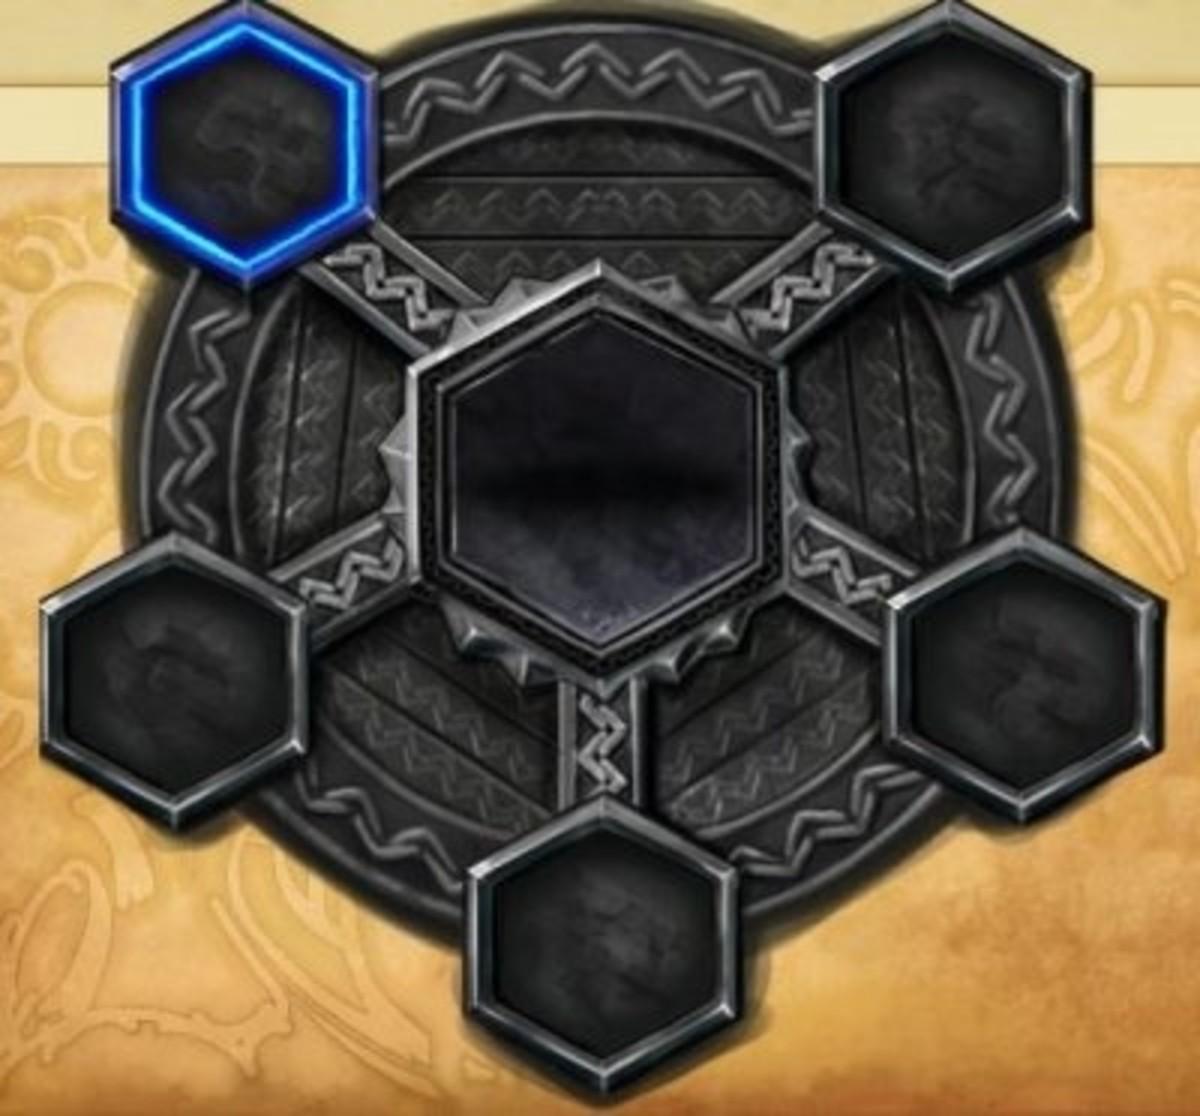 The League of Legends Rune Combiner